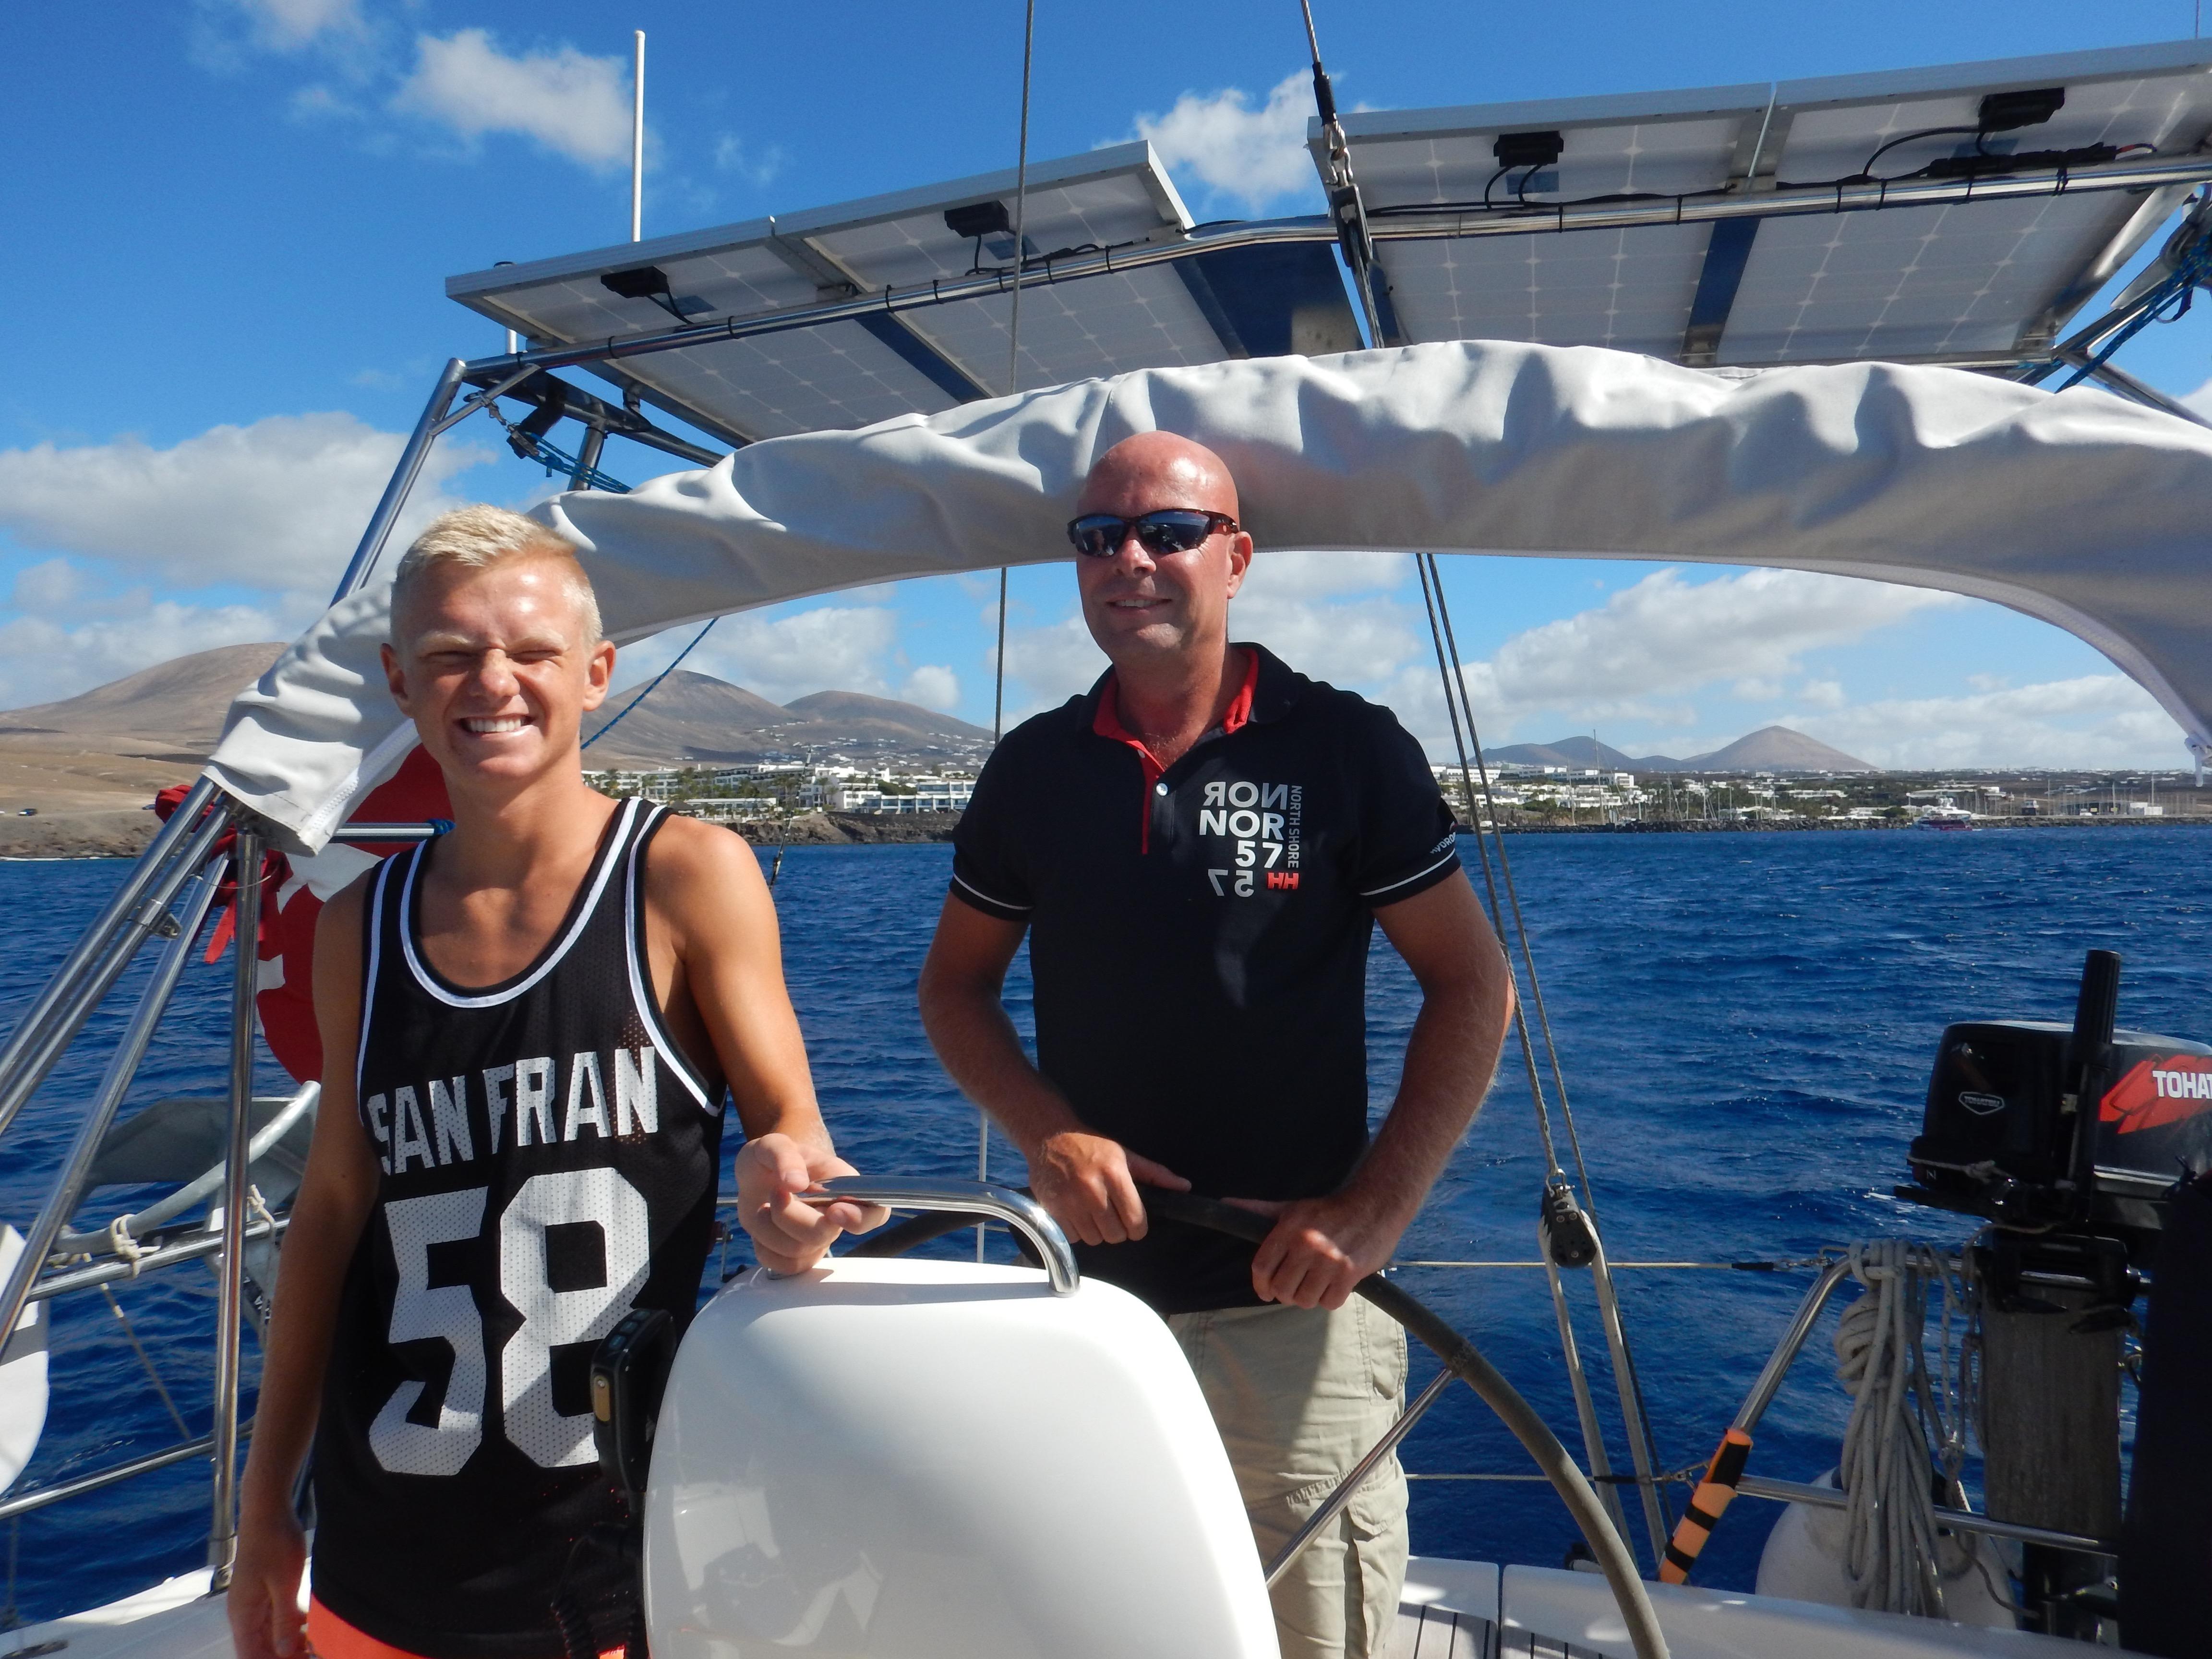 Far og søn med Puerto Calero i baggrunden